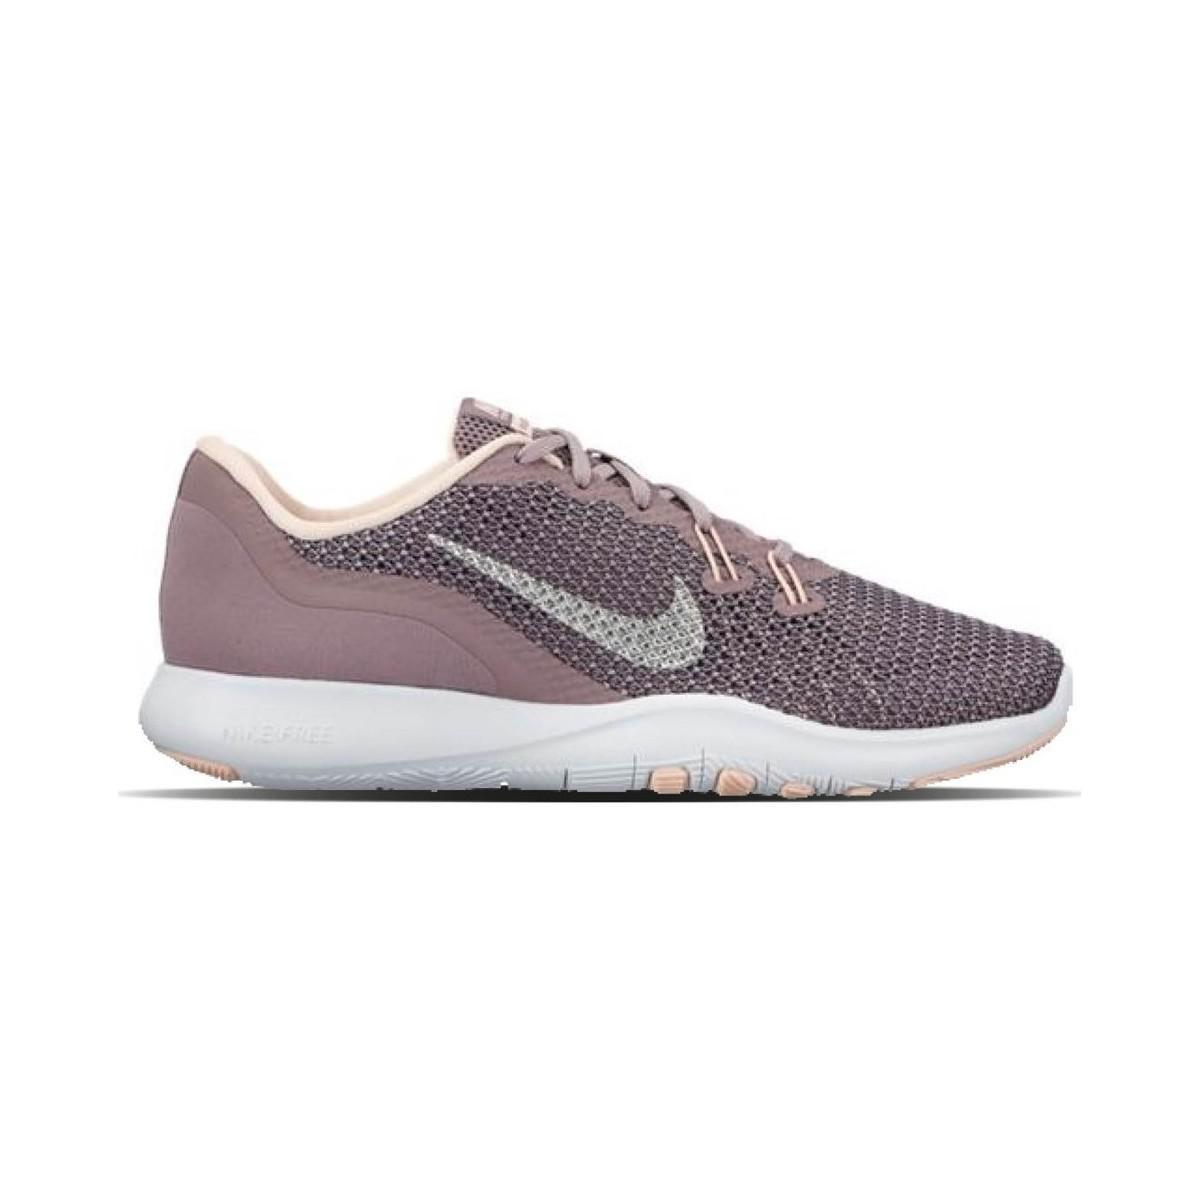 66649ff01 Nike Flex Tr 7 Bionic 917713 200 Women s Shoes (trainers) In Purple ...